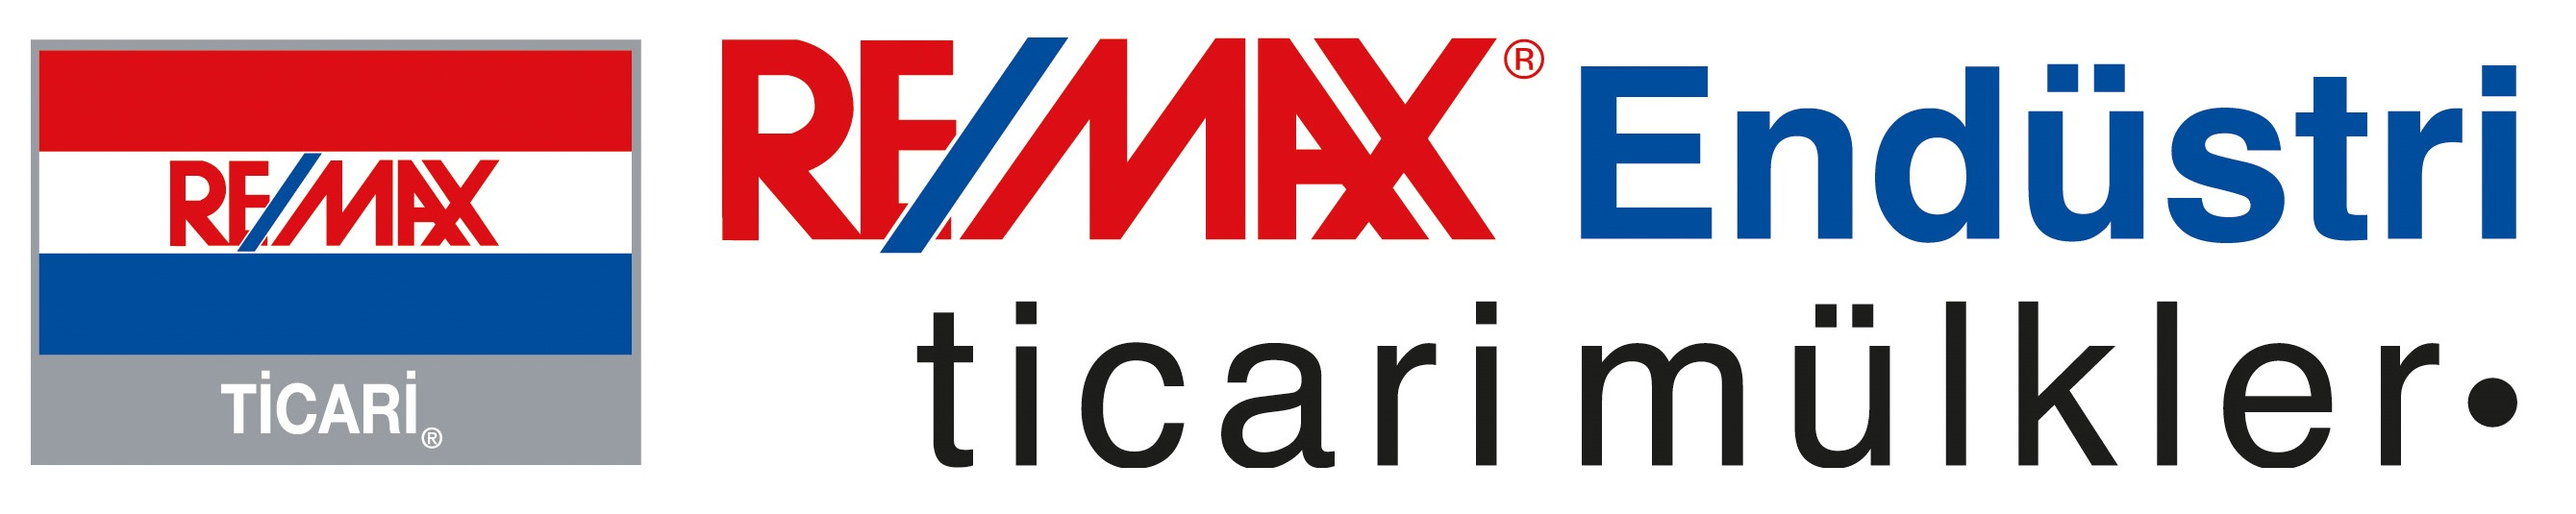 Remax Endüstri